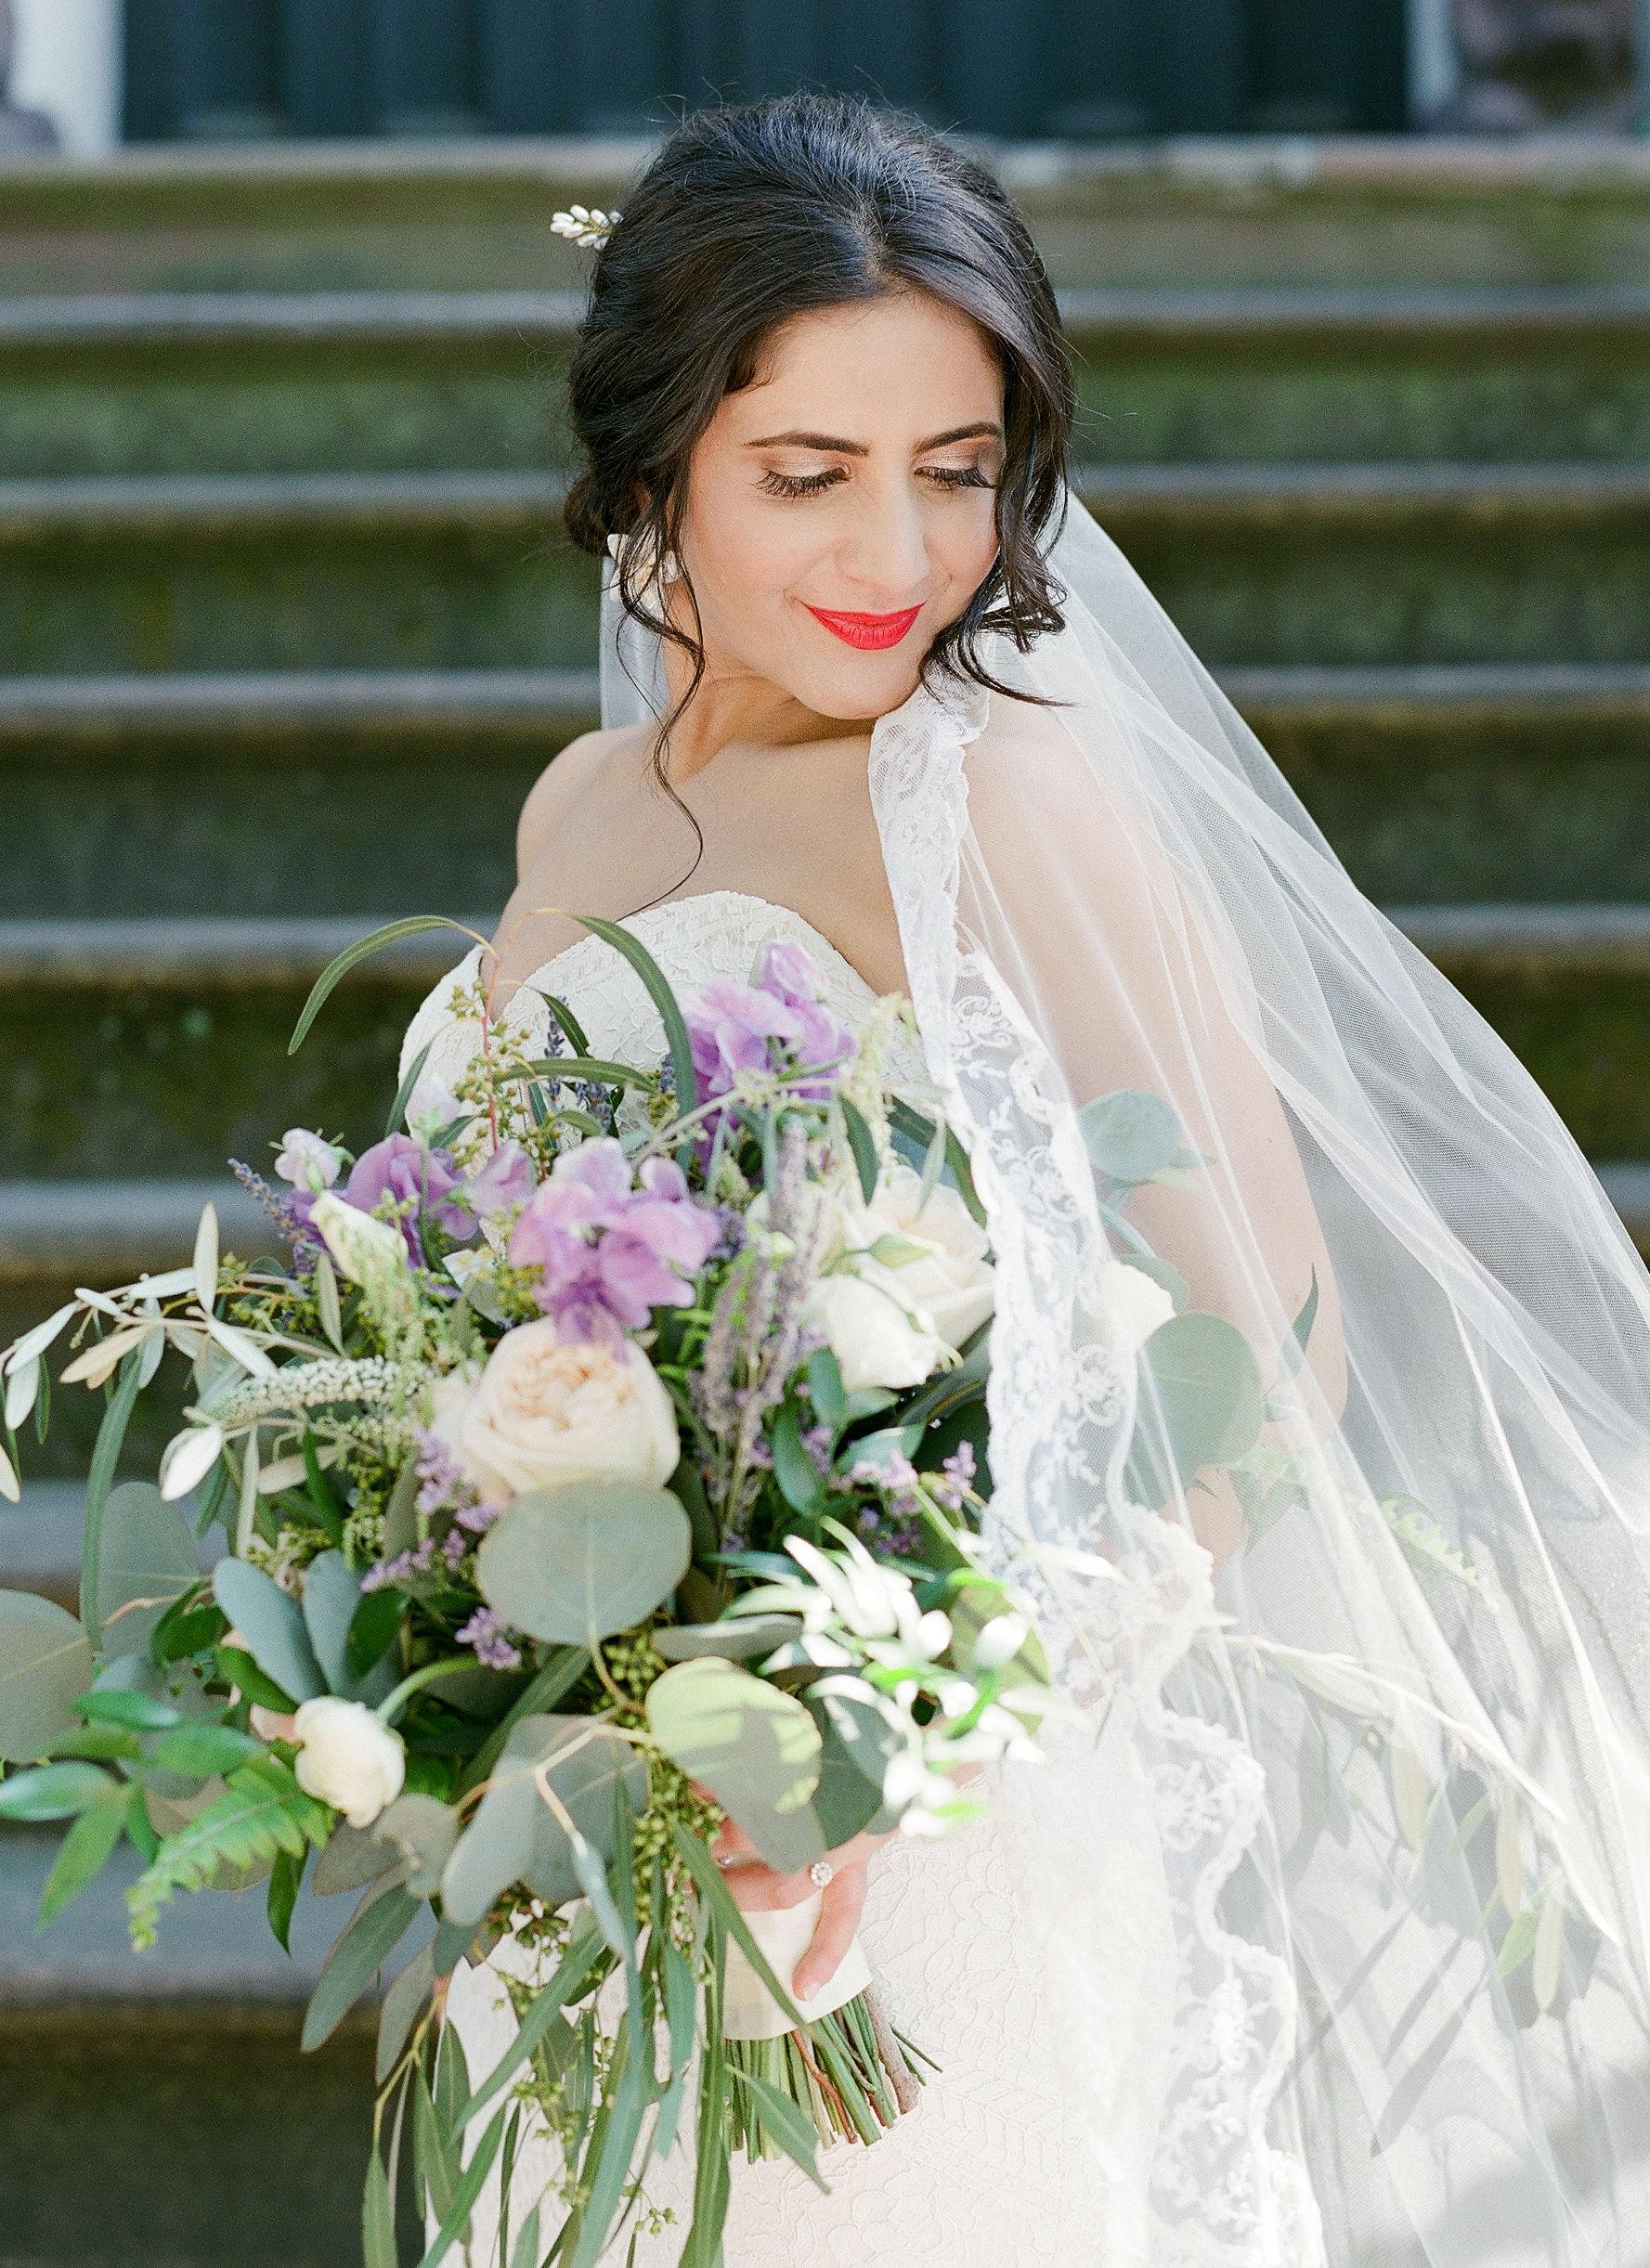 1-ivory-and-beau-bridal-boutique-wedding-dress-bridal-shop-alexjanelle_joshmorehousephotography-166.jpg